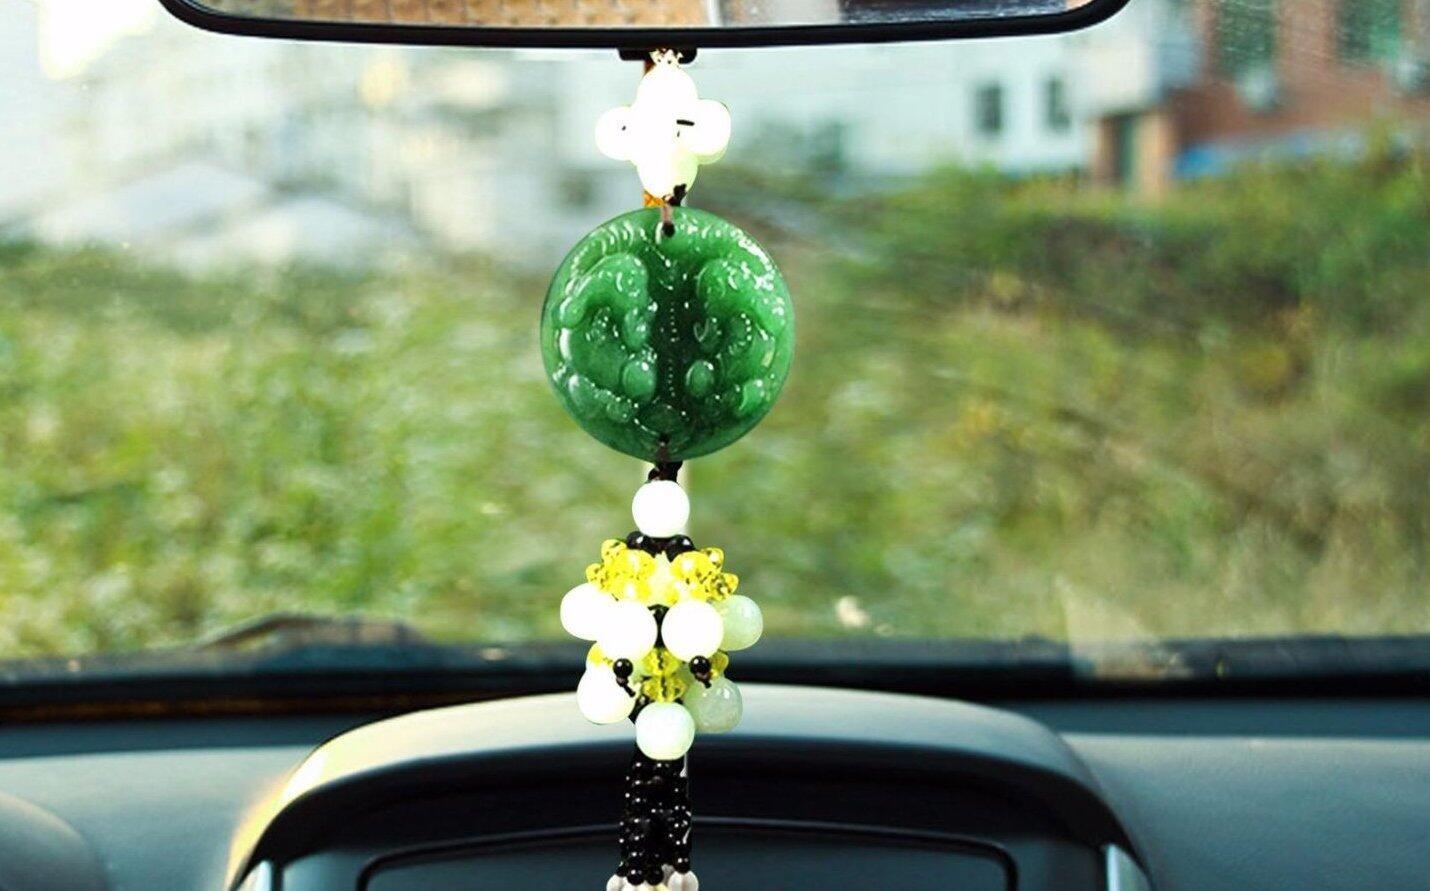 11-mon-do-trang-tri-phong-thuy-xe-hoi-mang-lai-may-man-tai-loc